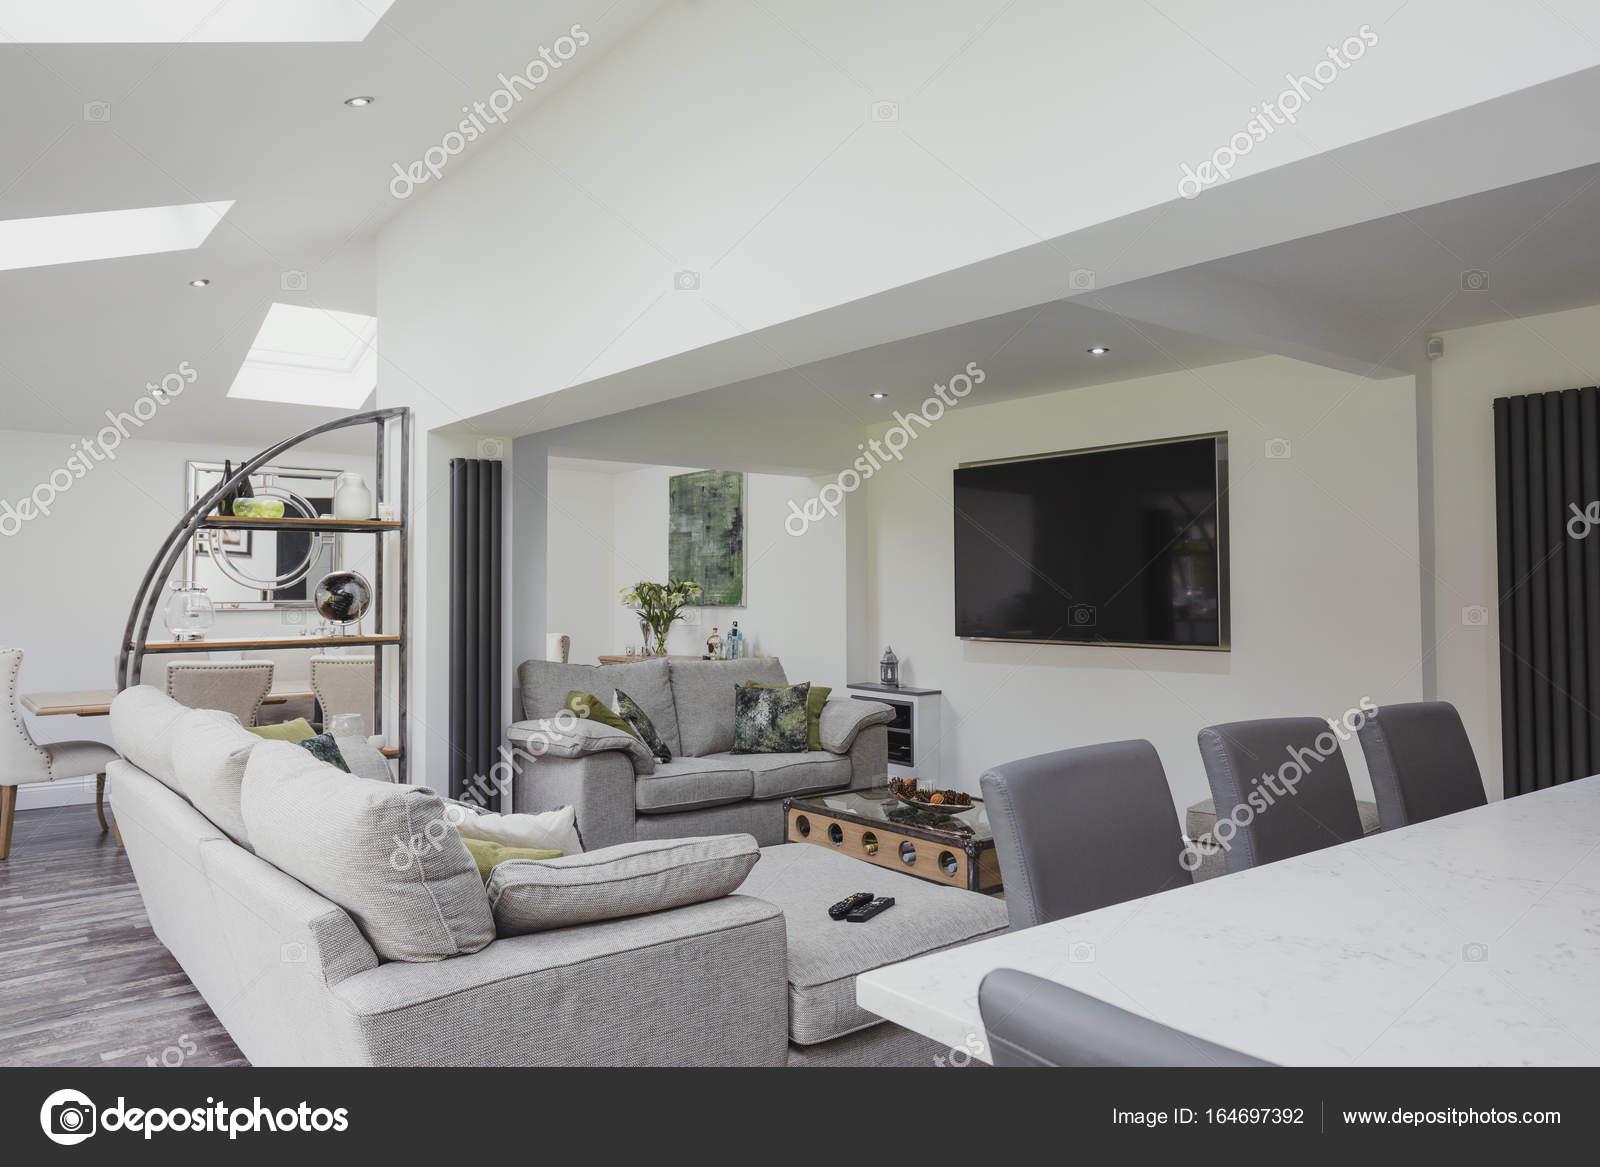 Schone Moderne Wohnzimmer Stockfoto C Dglimages 164697392